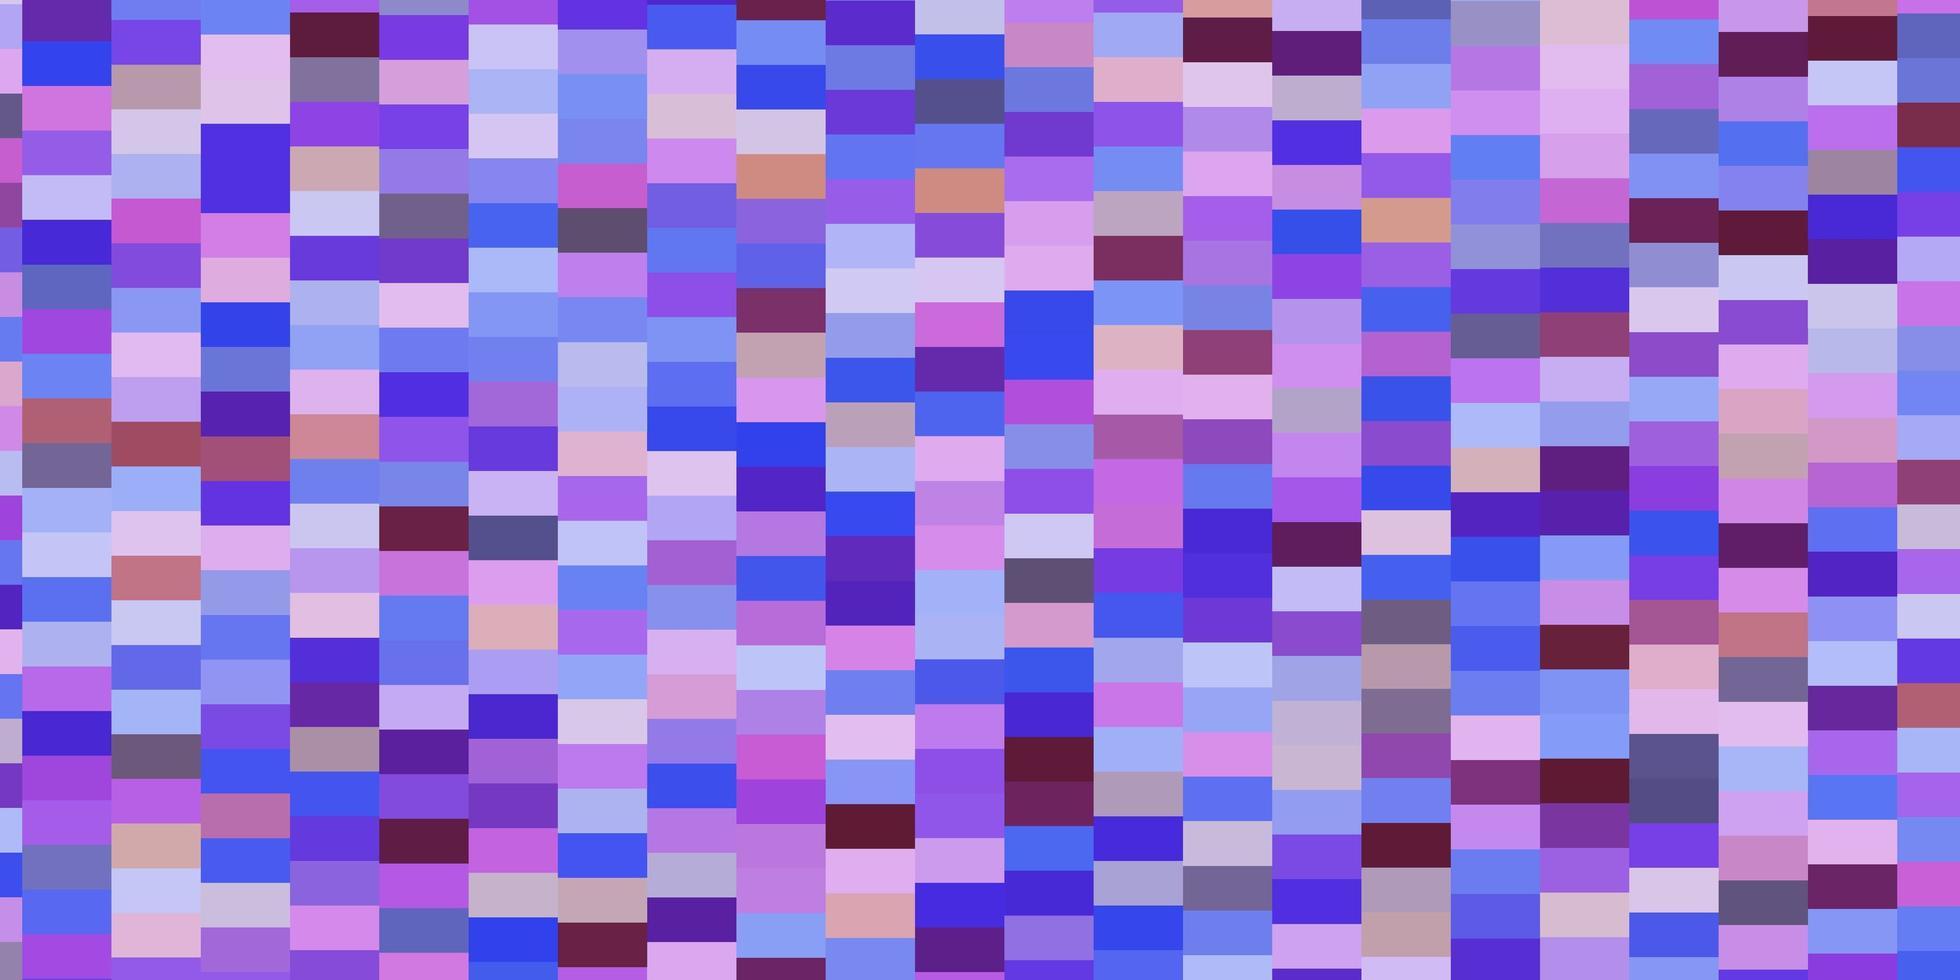 leichte mehrfarbige Vektortextur im rechteckigen Stil. vektor